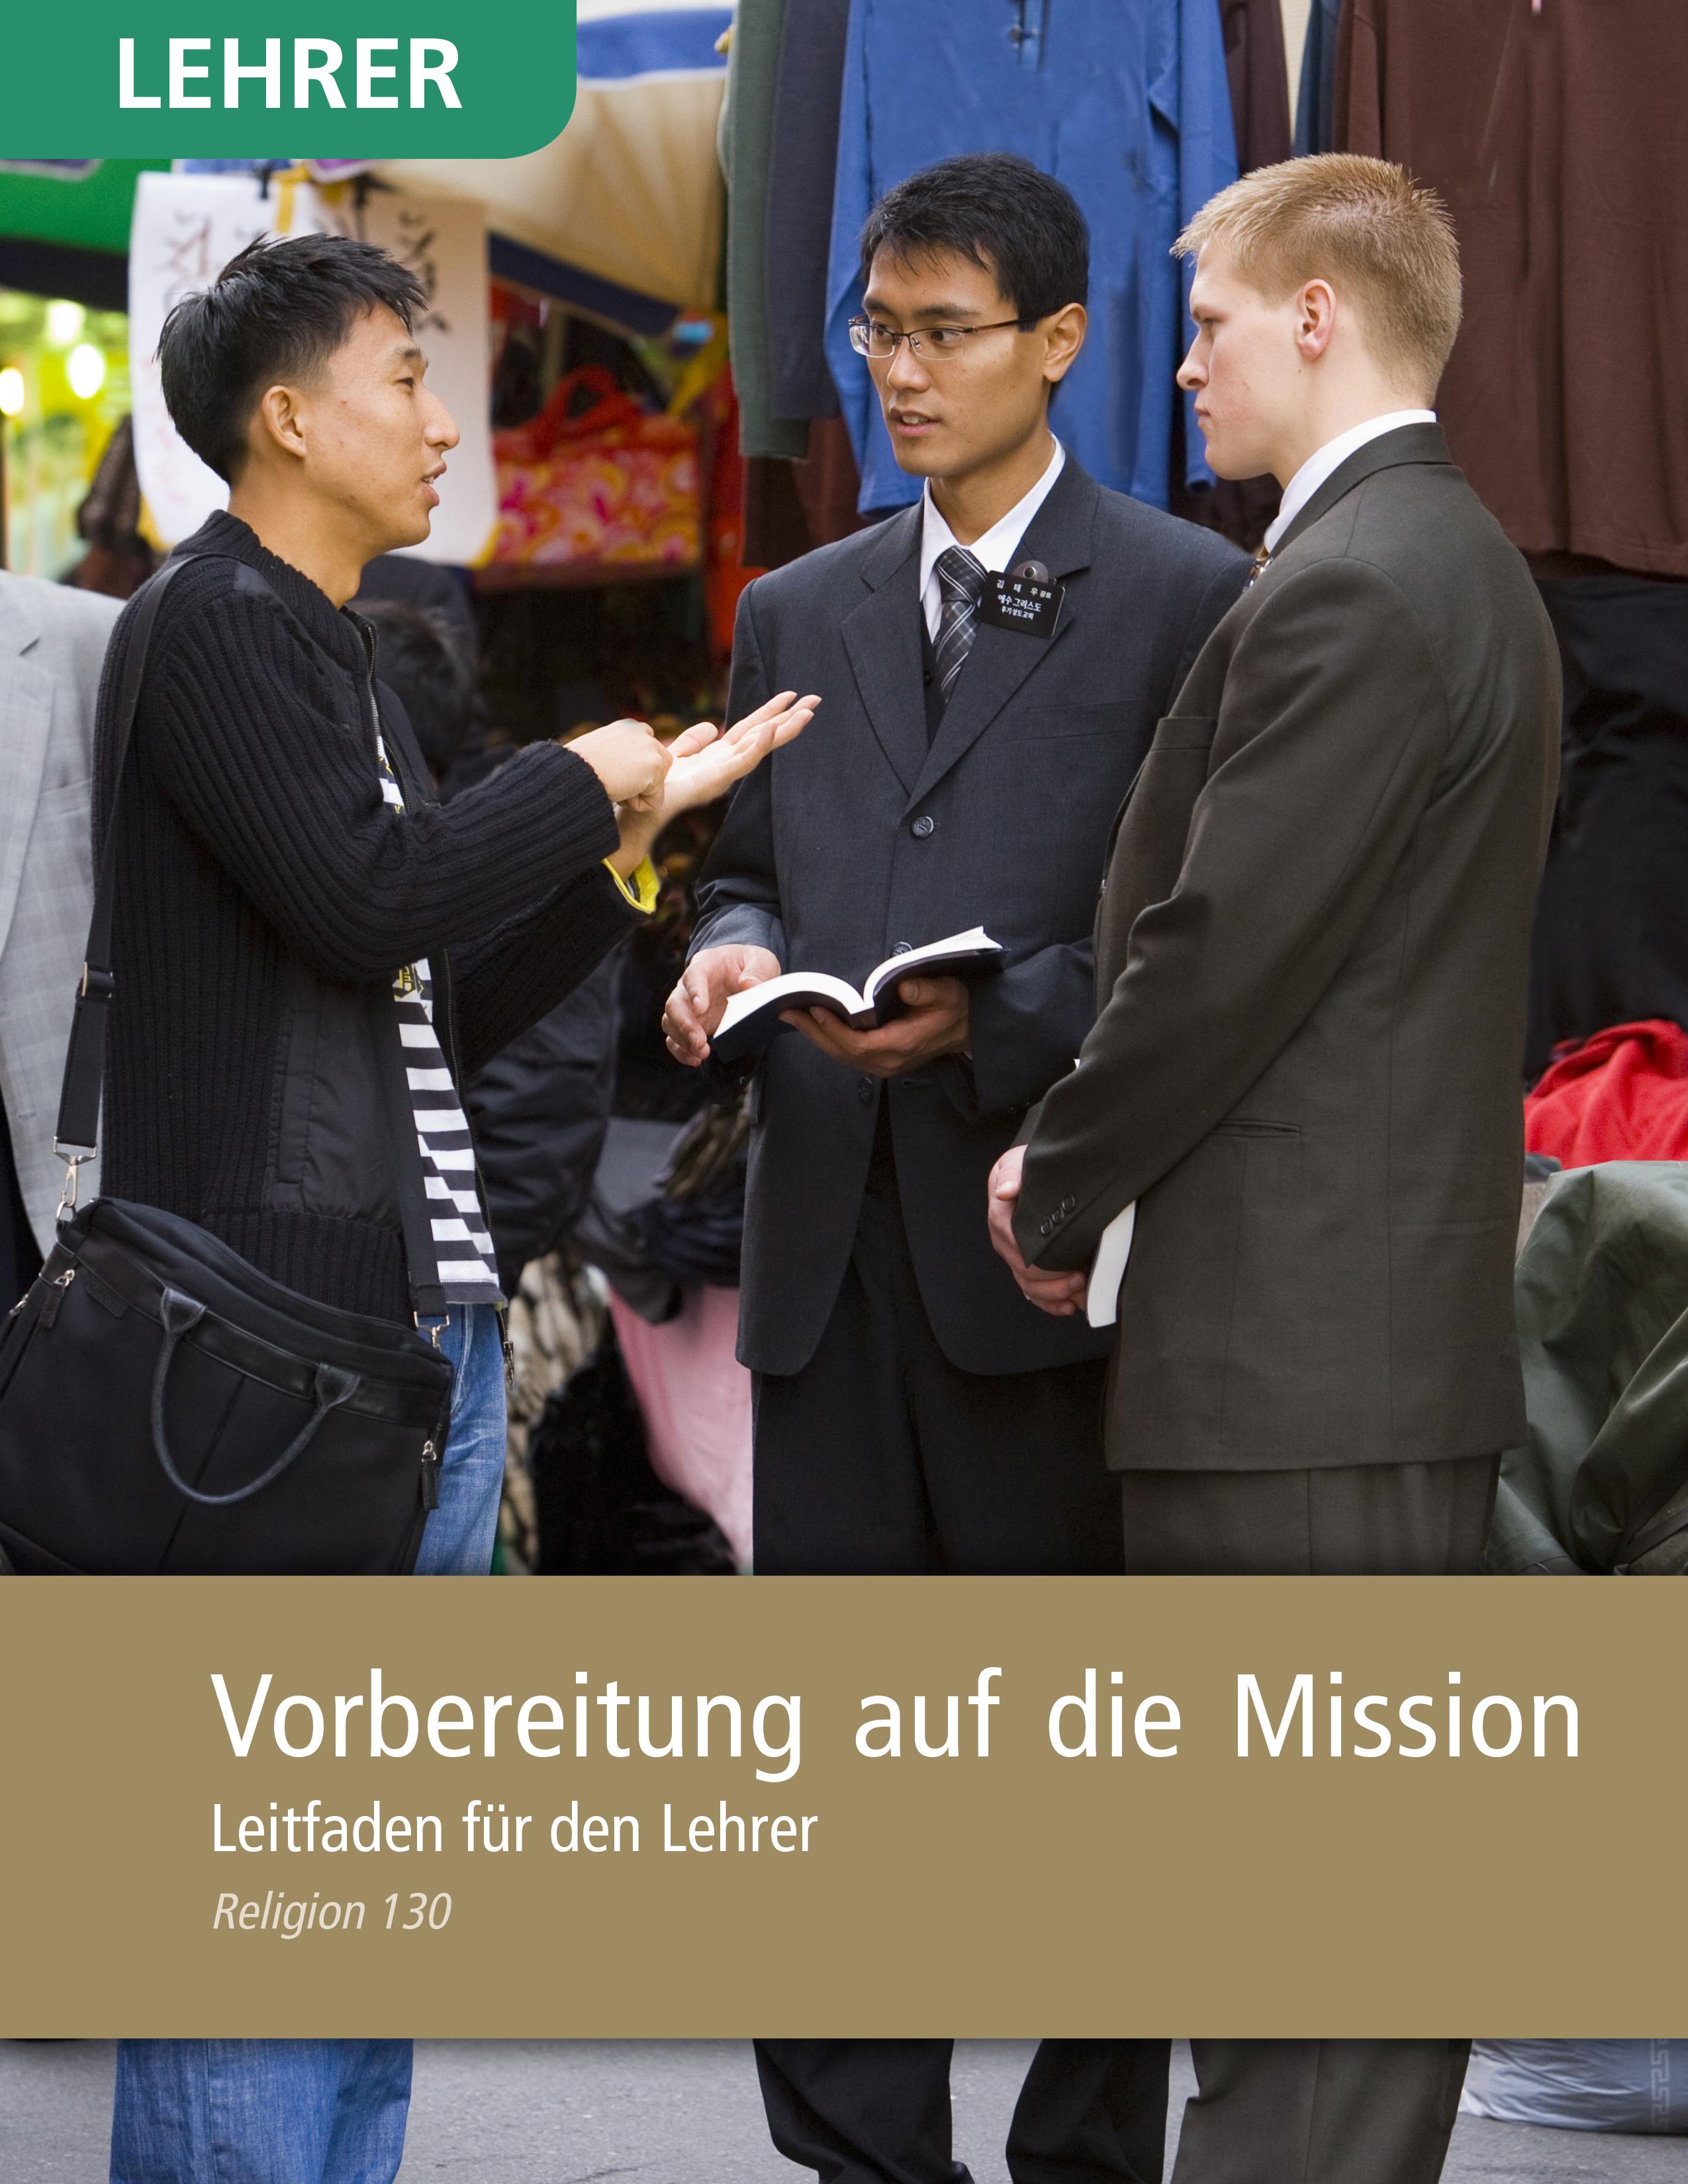 Vorbereitung auf die Mission– Leitfaden für den Lehrer (Religion 130)